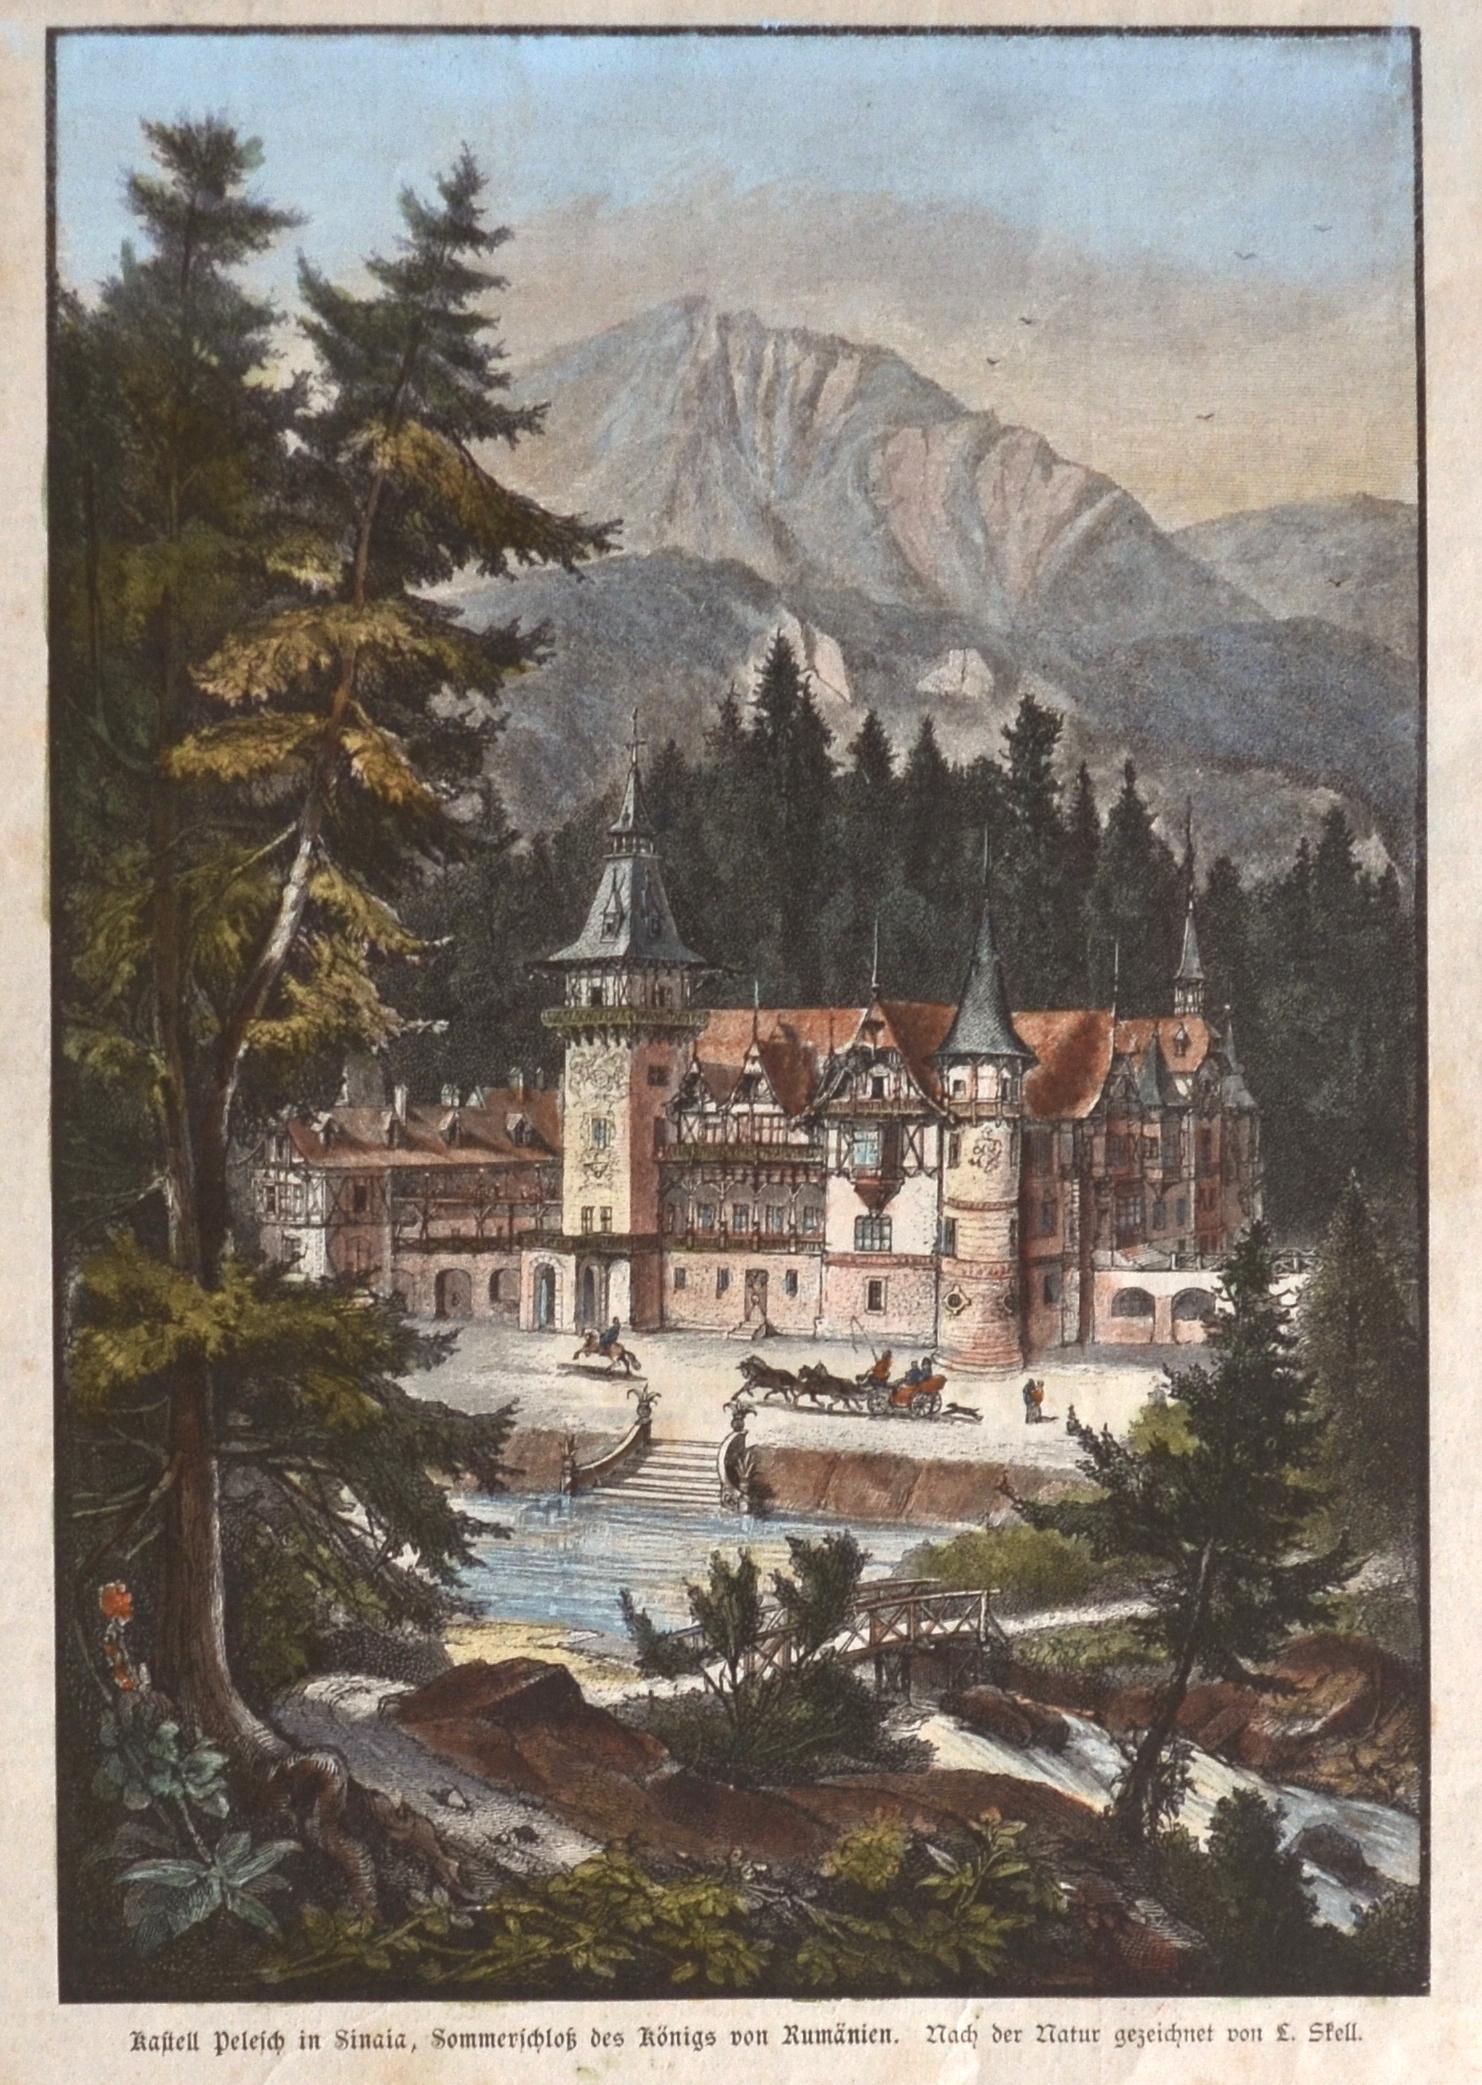 Skell Ludwig Kastell Pelesch in Sinaia, Sommerschloß des Königs von Rumänien.